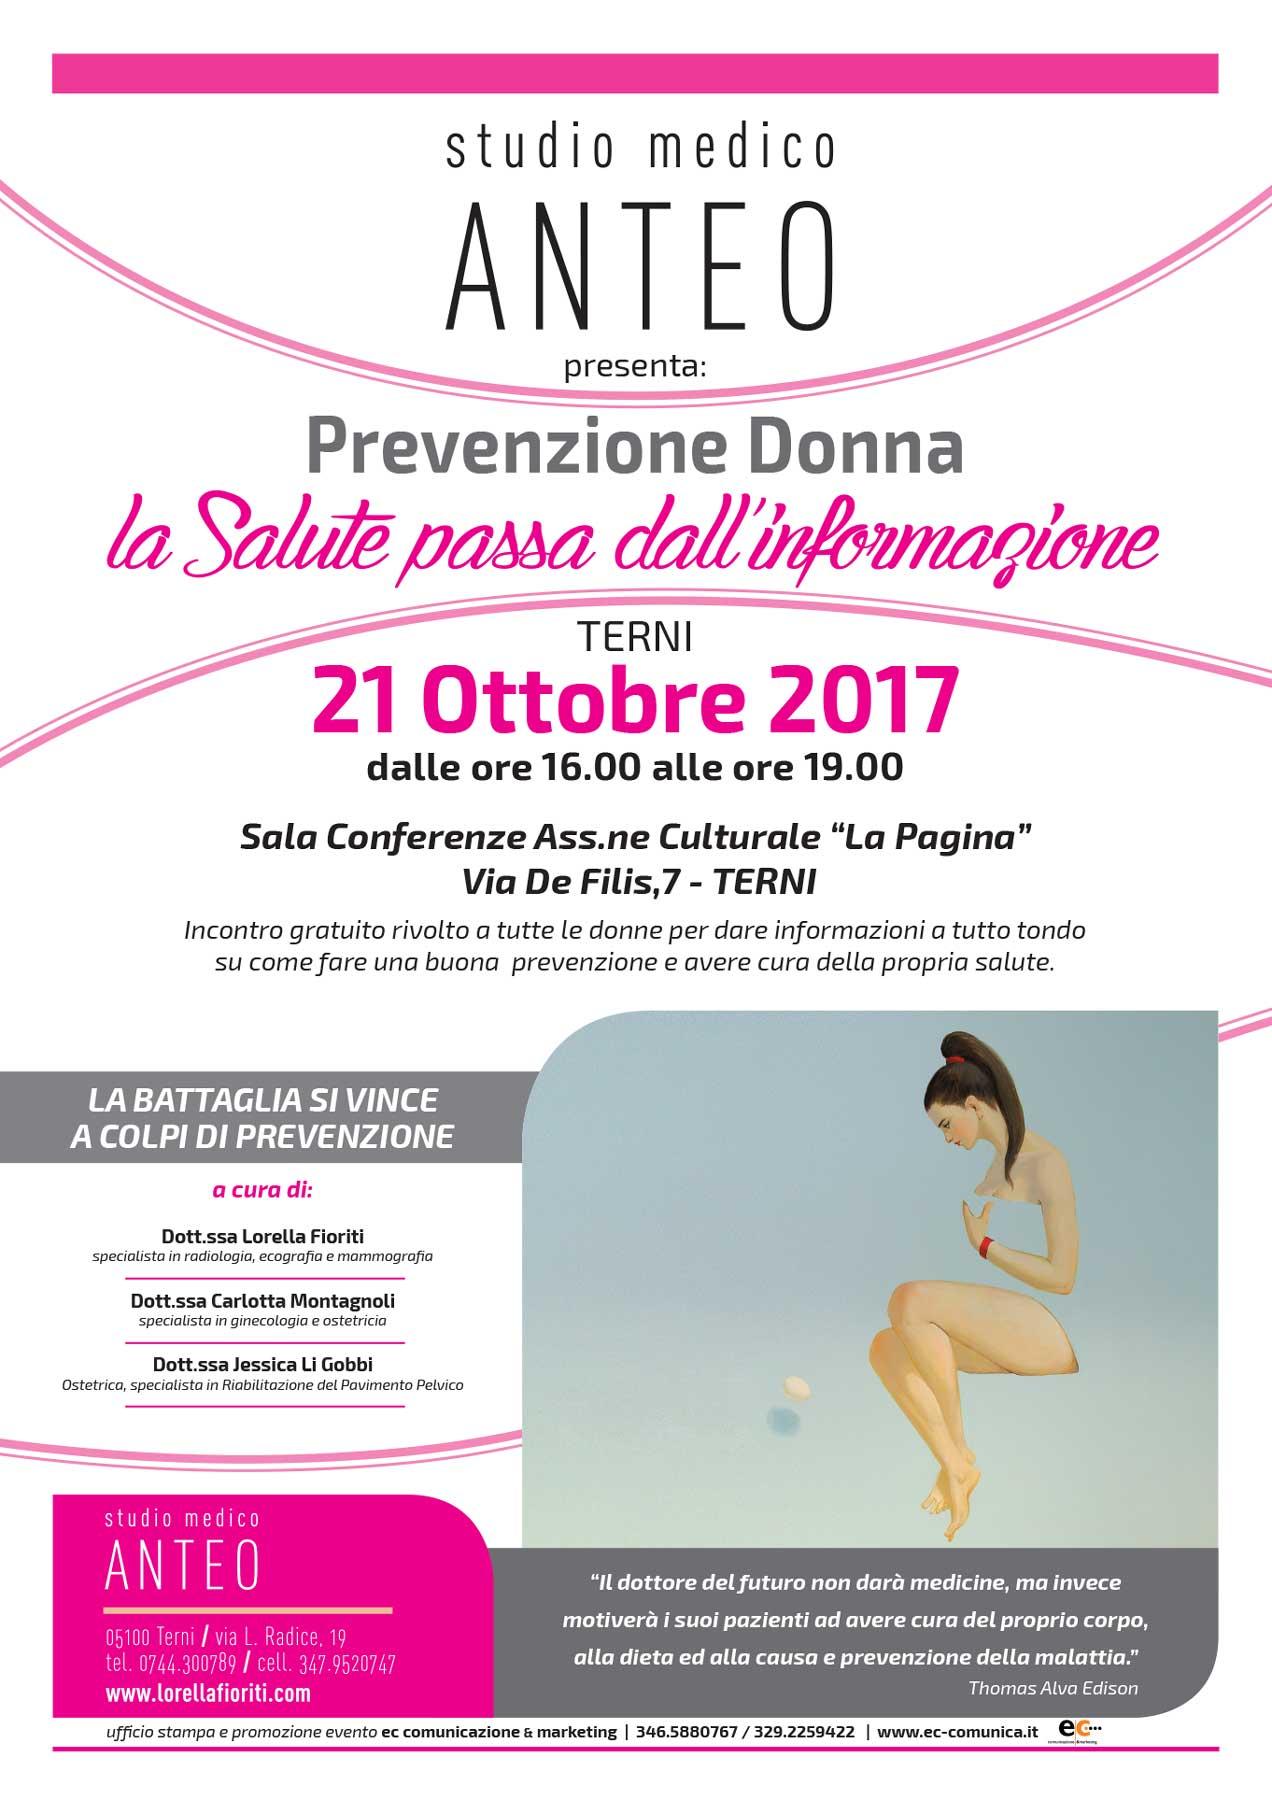 Studio Anteo prevenzione donna 2017